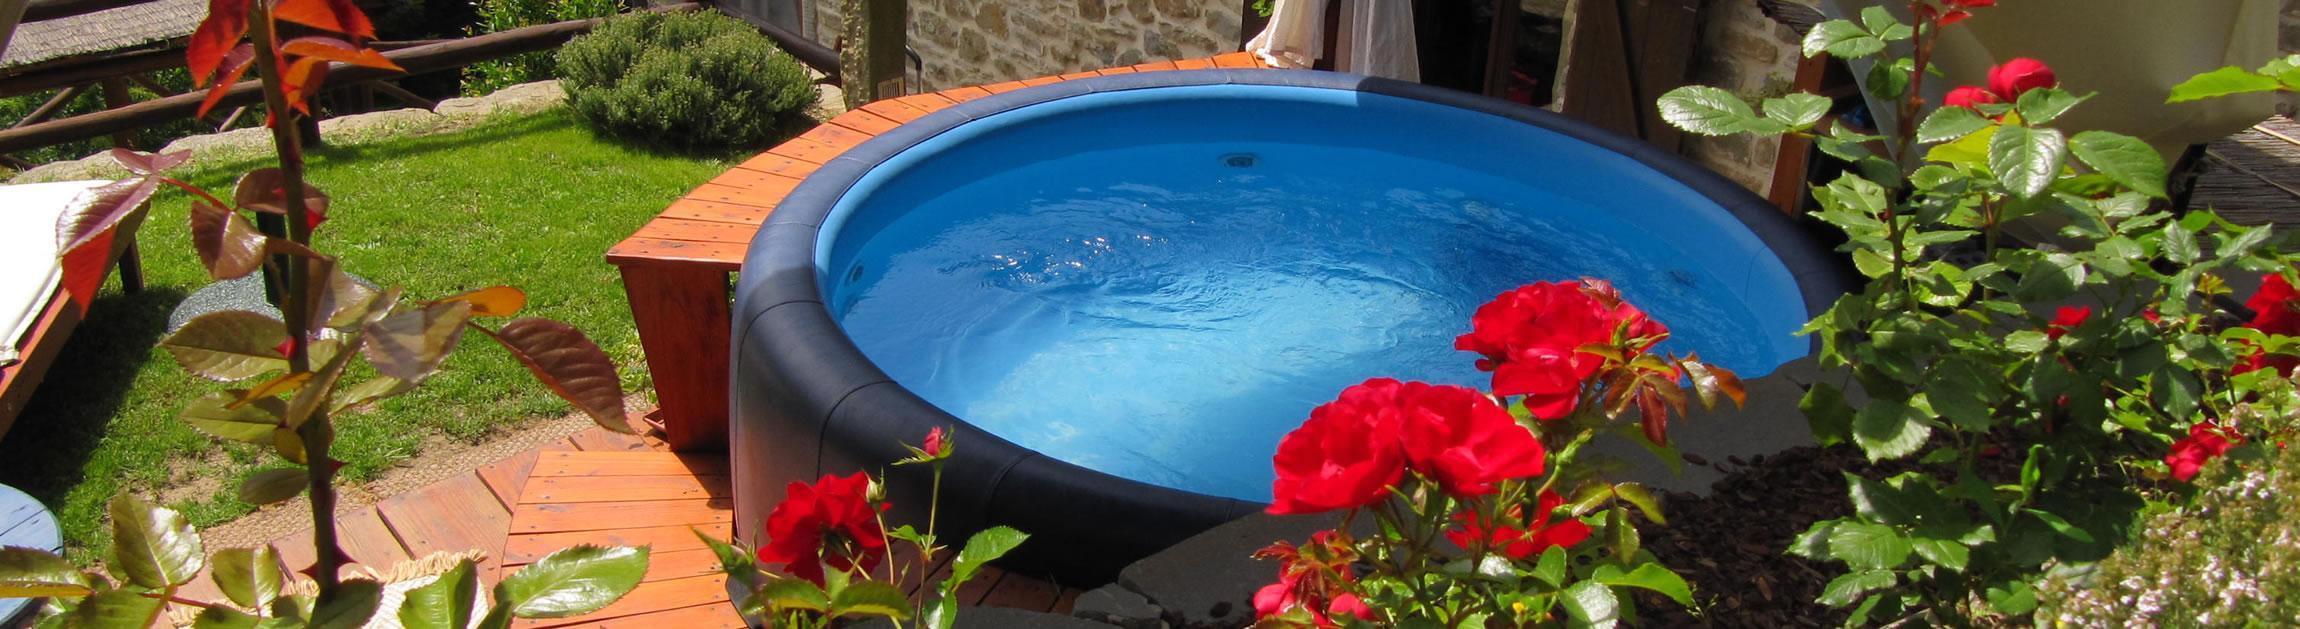 Toskana ferienhaus mit whirlpool lucia in der toscana for Whirlpool garten mit bonsai wohnung